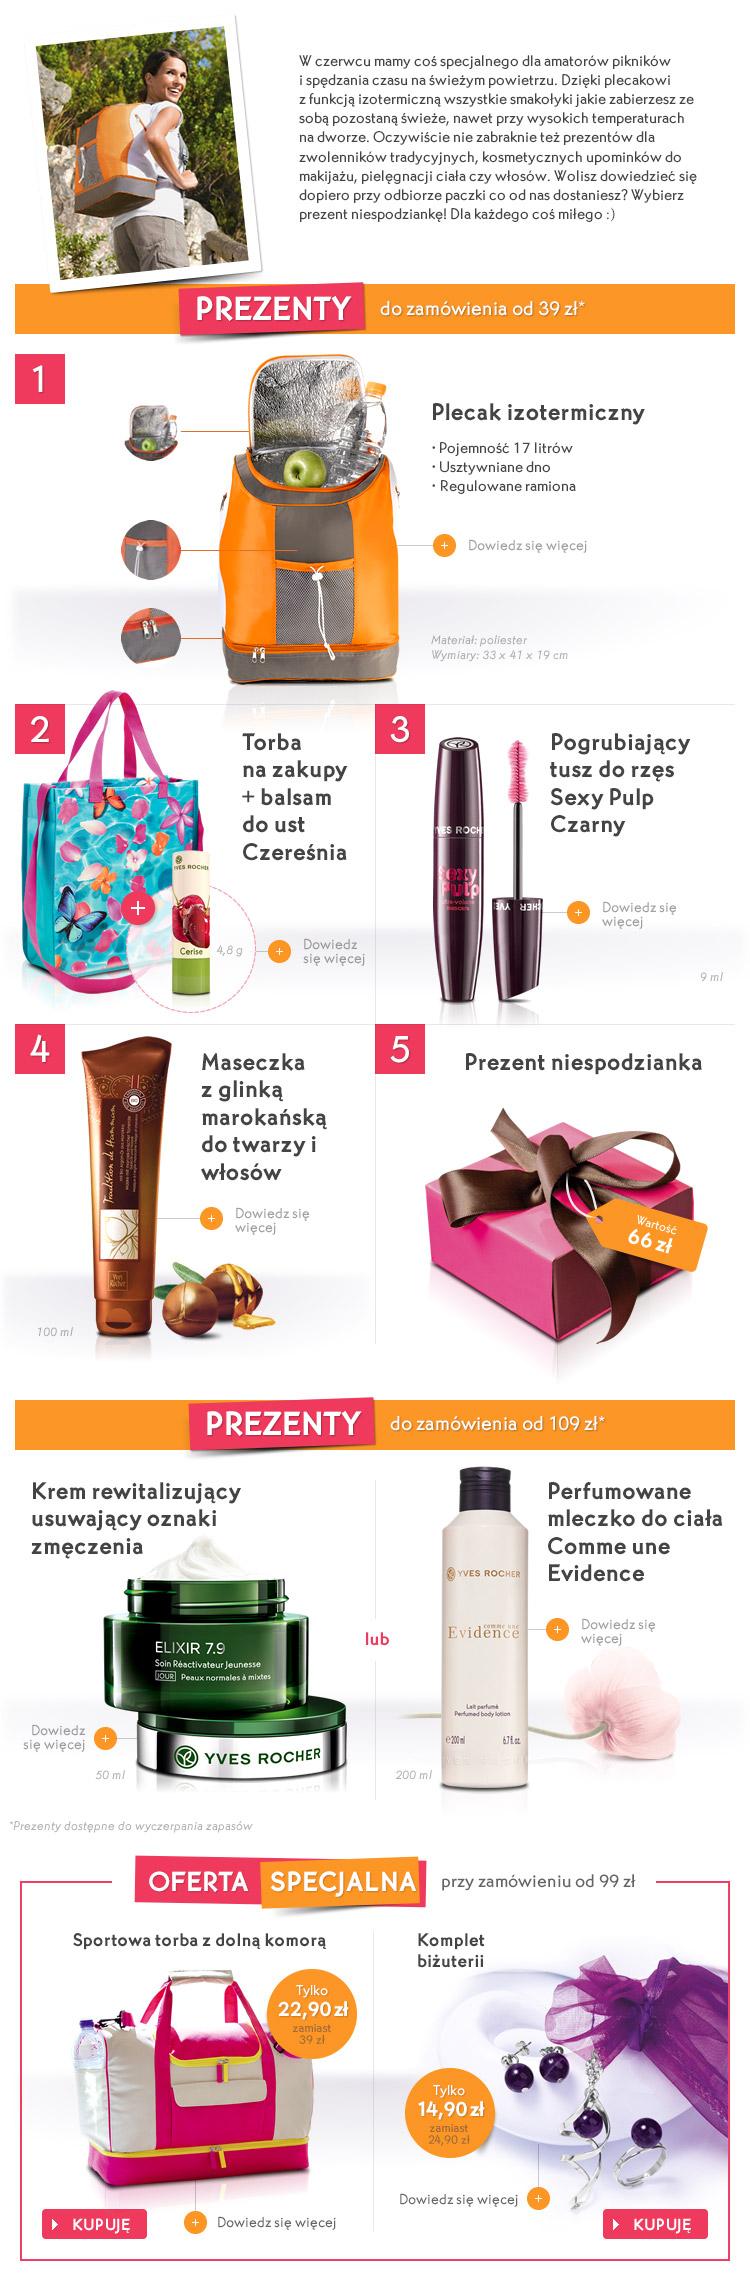 julioblog.pl yves rocher sklep internetowy oferta czerwiec 2015 prezenty do zakupów i prezent niespodzianka